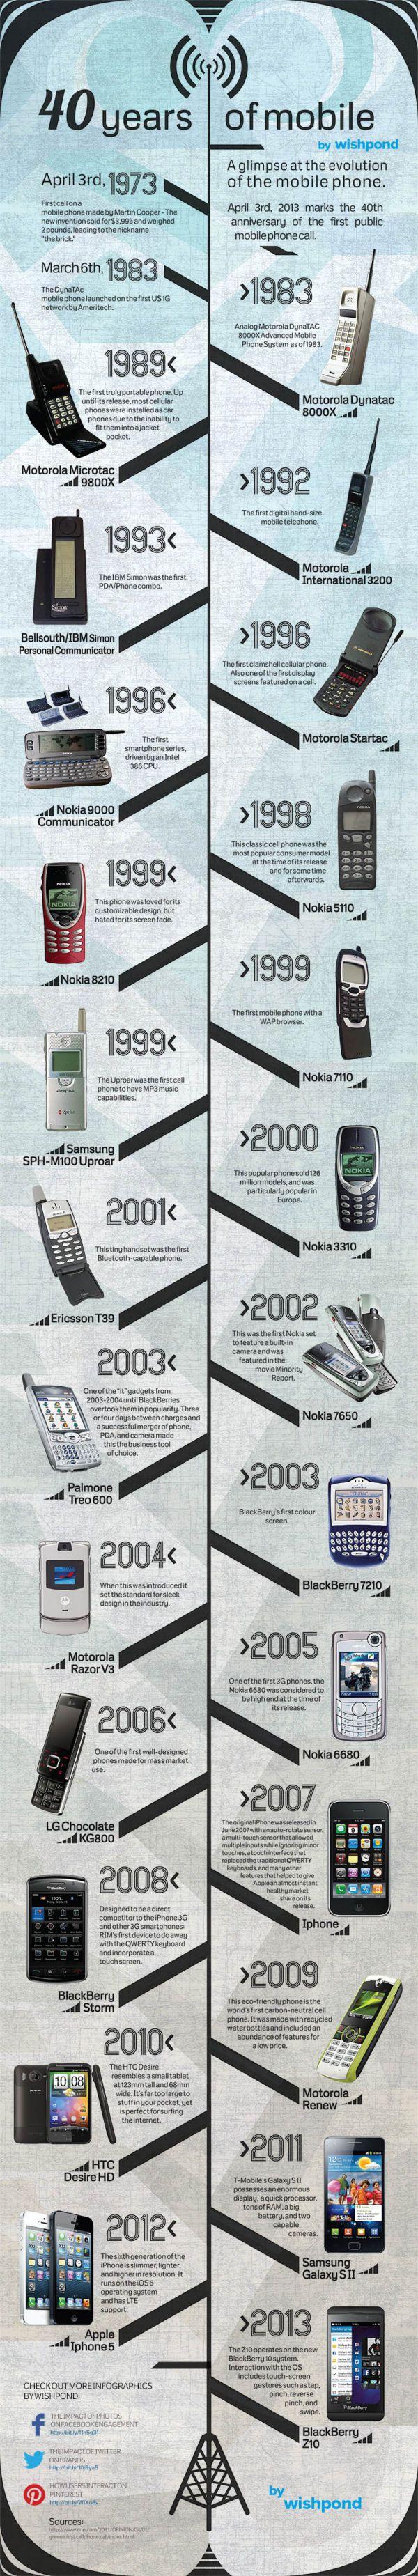 Desde que en 1973 Martin Cooper realizara la primera llamada a través de un móvil hasta el iPhone5, pasando por los indestructibles Nokia: Infografía de los 40 años de los teléfonos móviles #Infografía